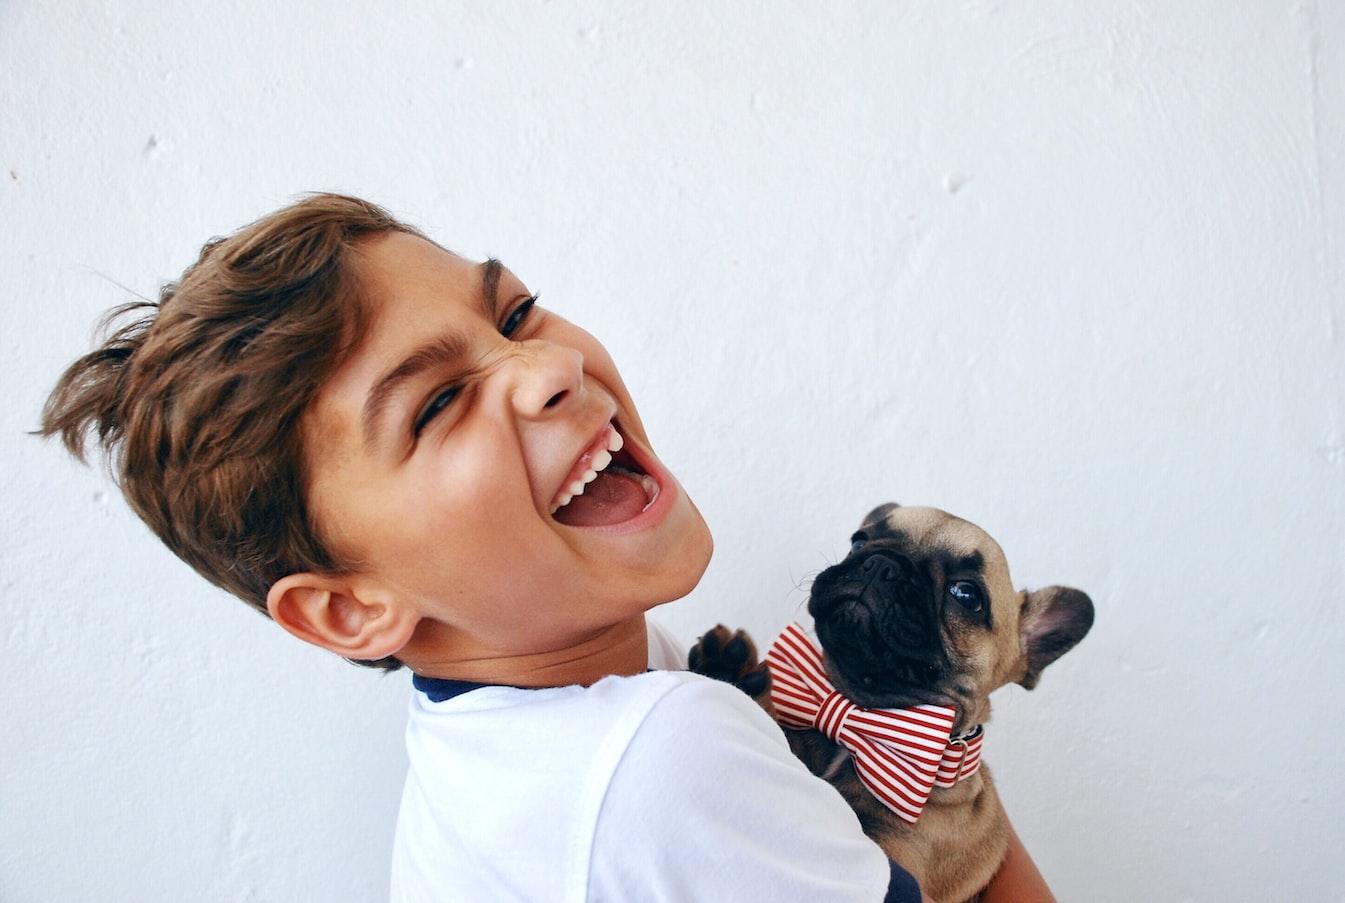 Junge, Hund, Mops, Schleife, glücklich sein, Lachen, glücklicher Gesichtsausdruck